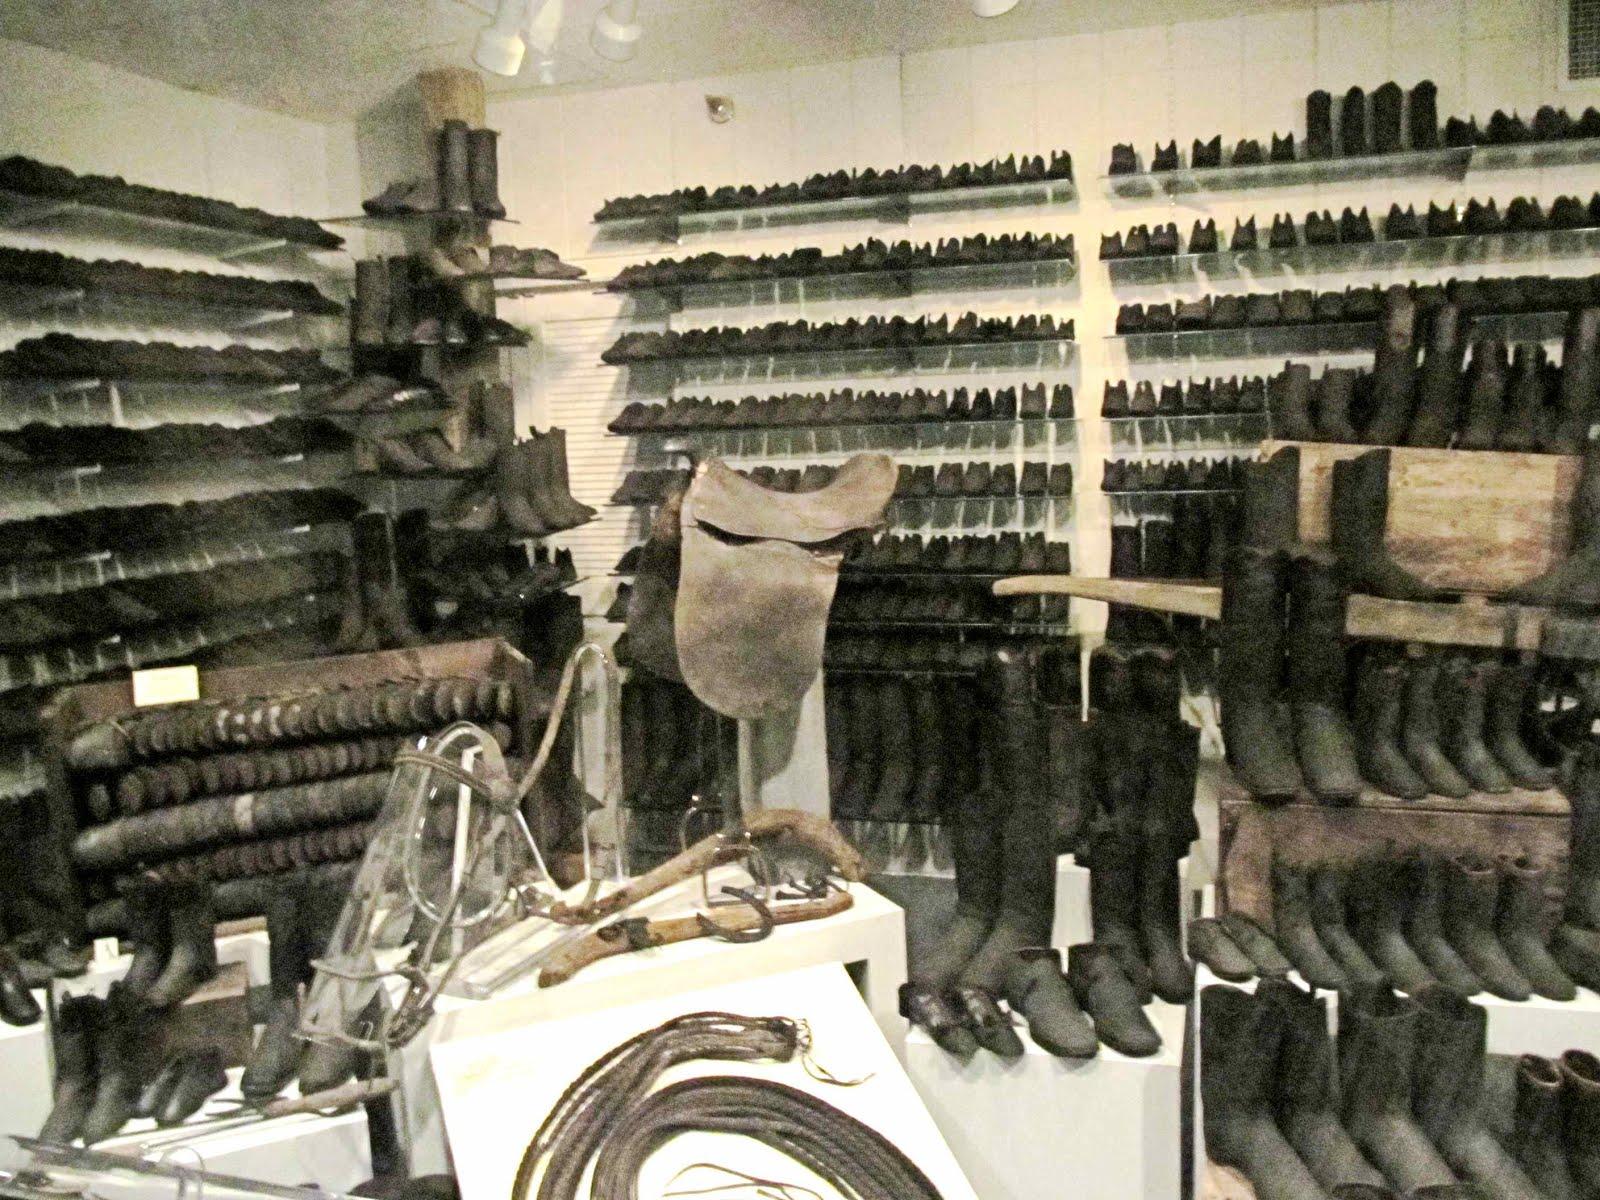 Stephen Bodio's Querencia: Arabia Steamboat Museum